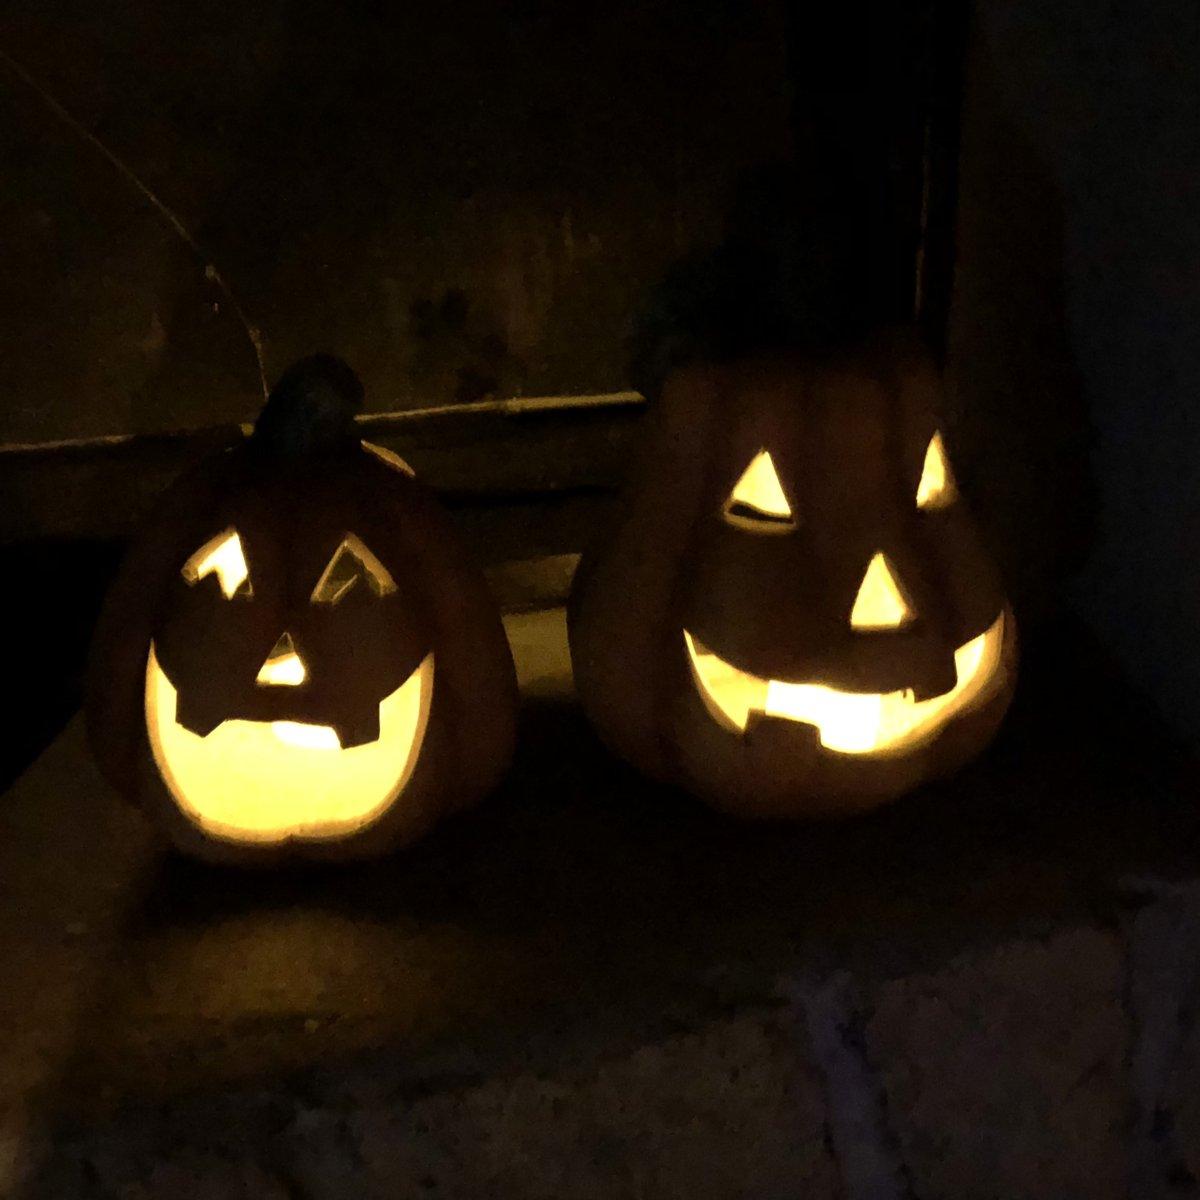 Halloween – kiloweise Süßigkeiten für kleine Gespenster